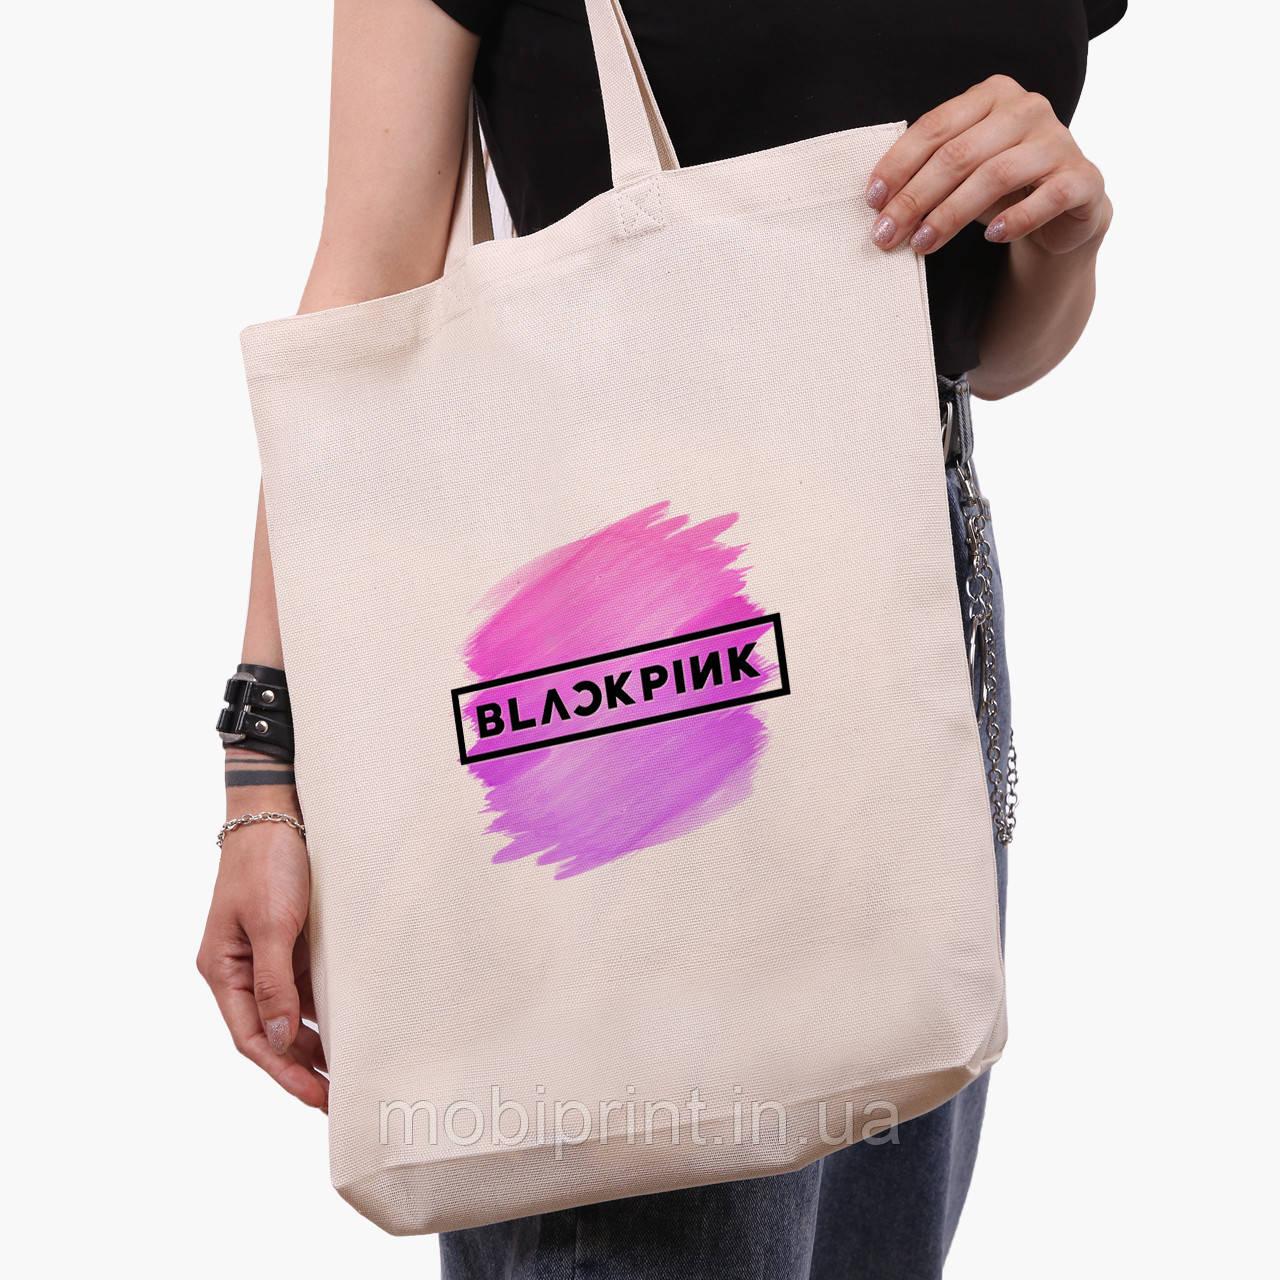 Еко сумка шоппер біла Блек Пінк (BlackPink) (9227-1350-1) экосумка шопер 41*39*8 см